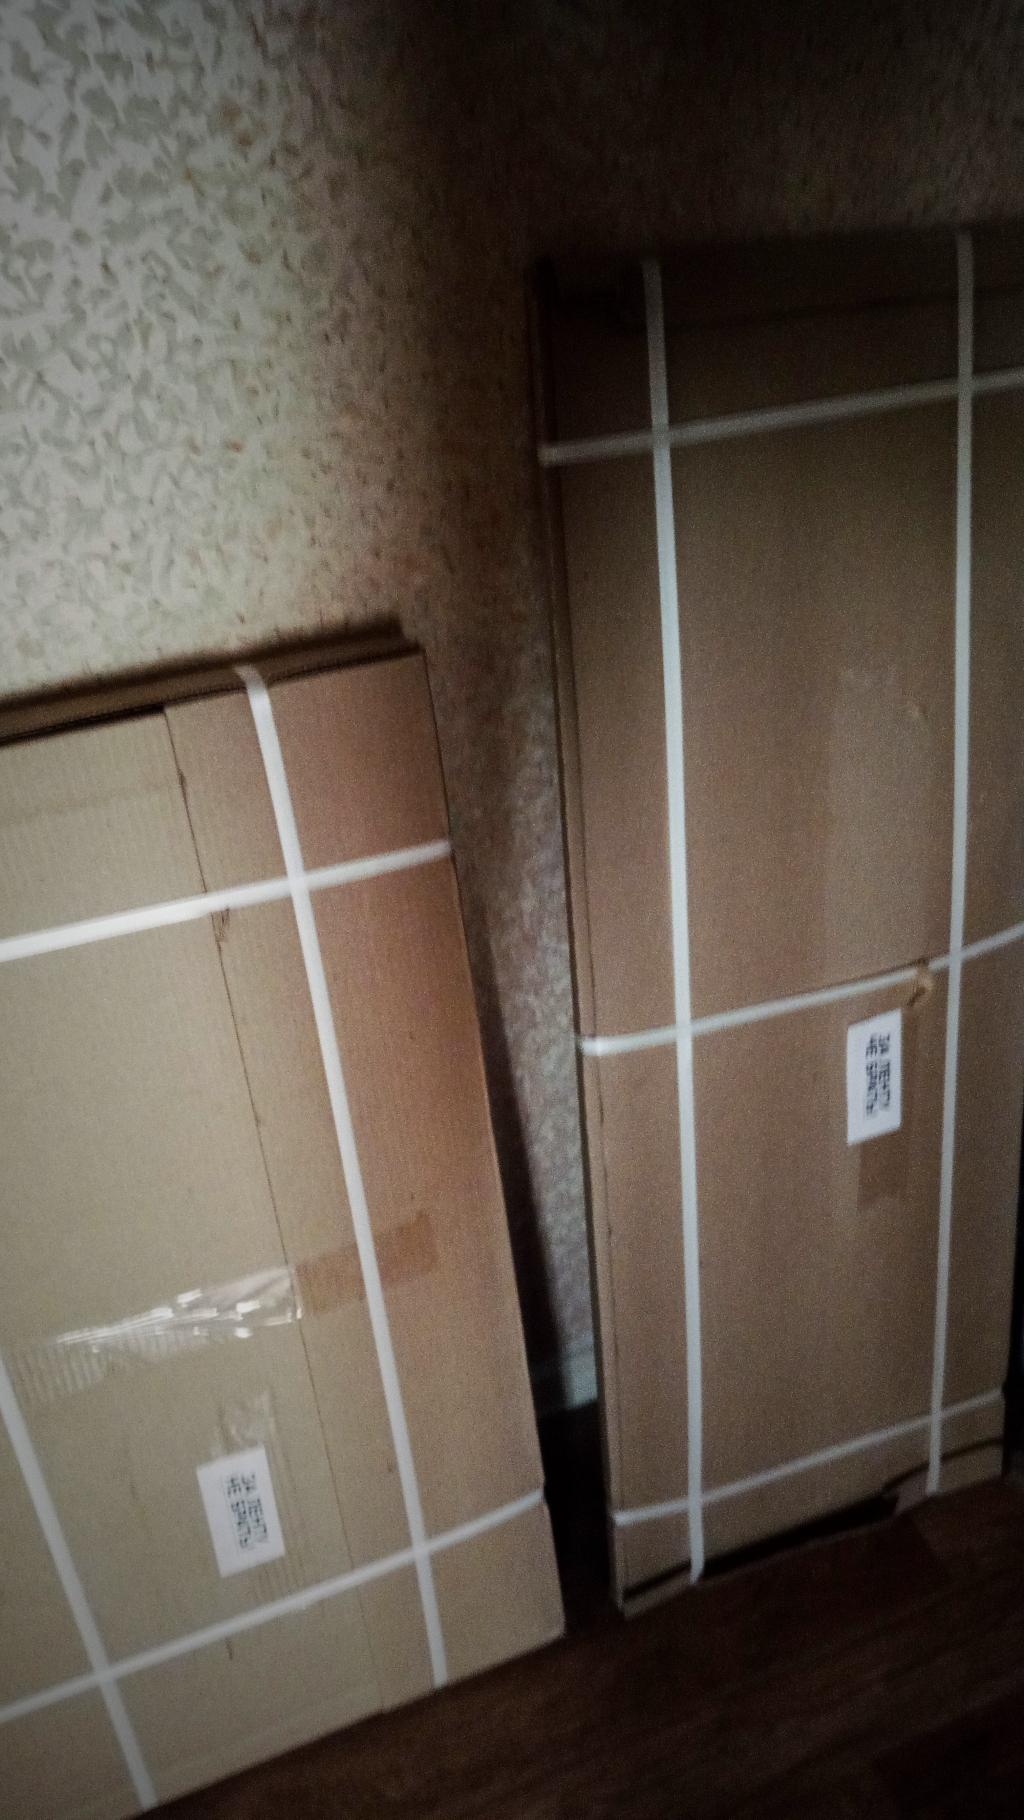 mebelvozov.ru - Отличная мебель и отличные цены.